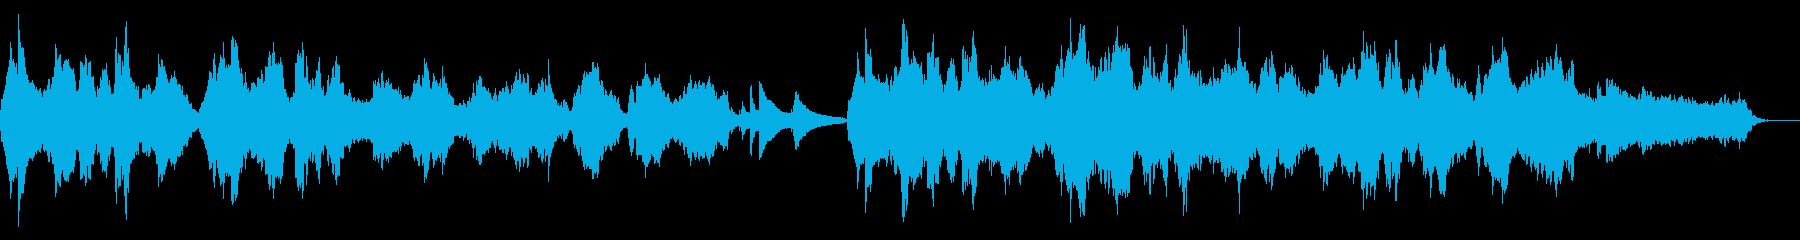 アコギとストリングスの悲しげな雰囲気の曲の再生済みの波形